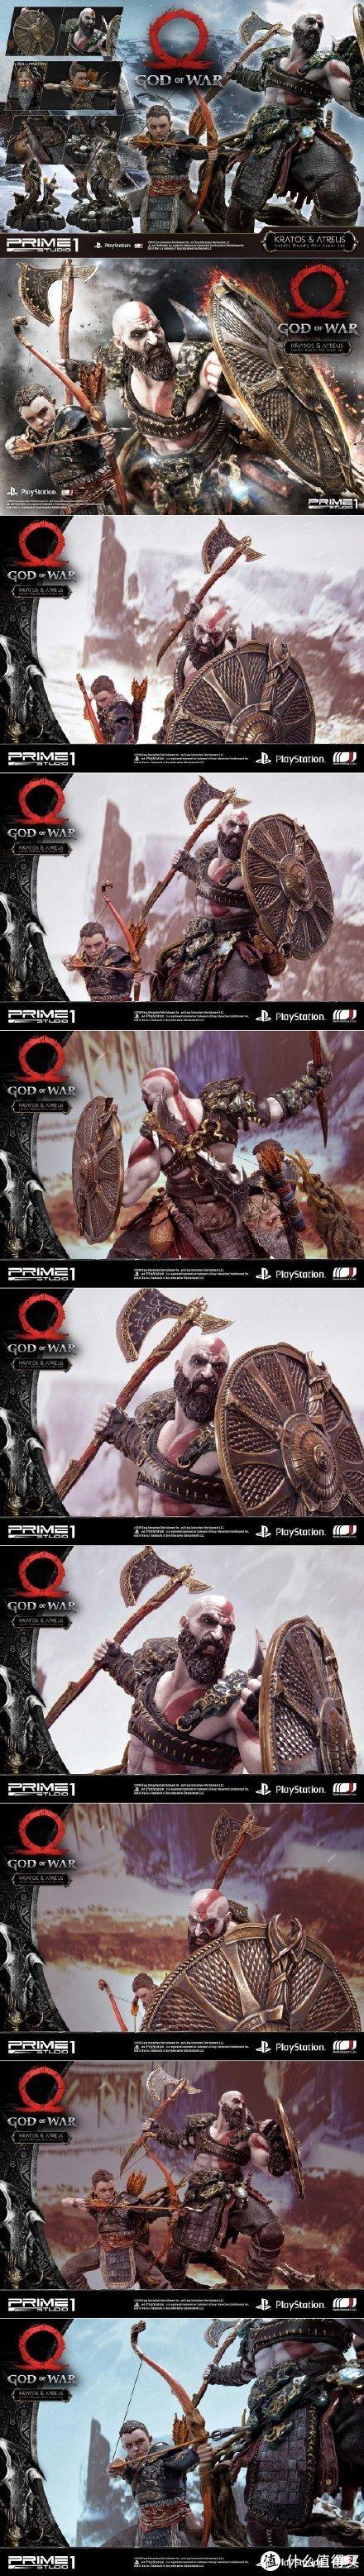 重返游戏:Prime 1 Studio《战神》奎托斯&阿特柔斯雕像开订